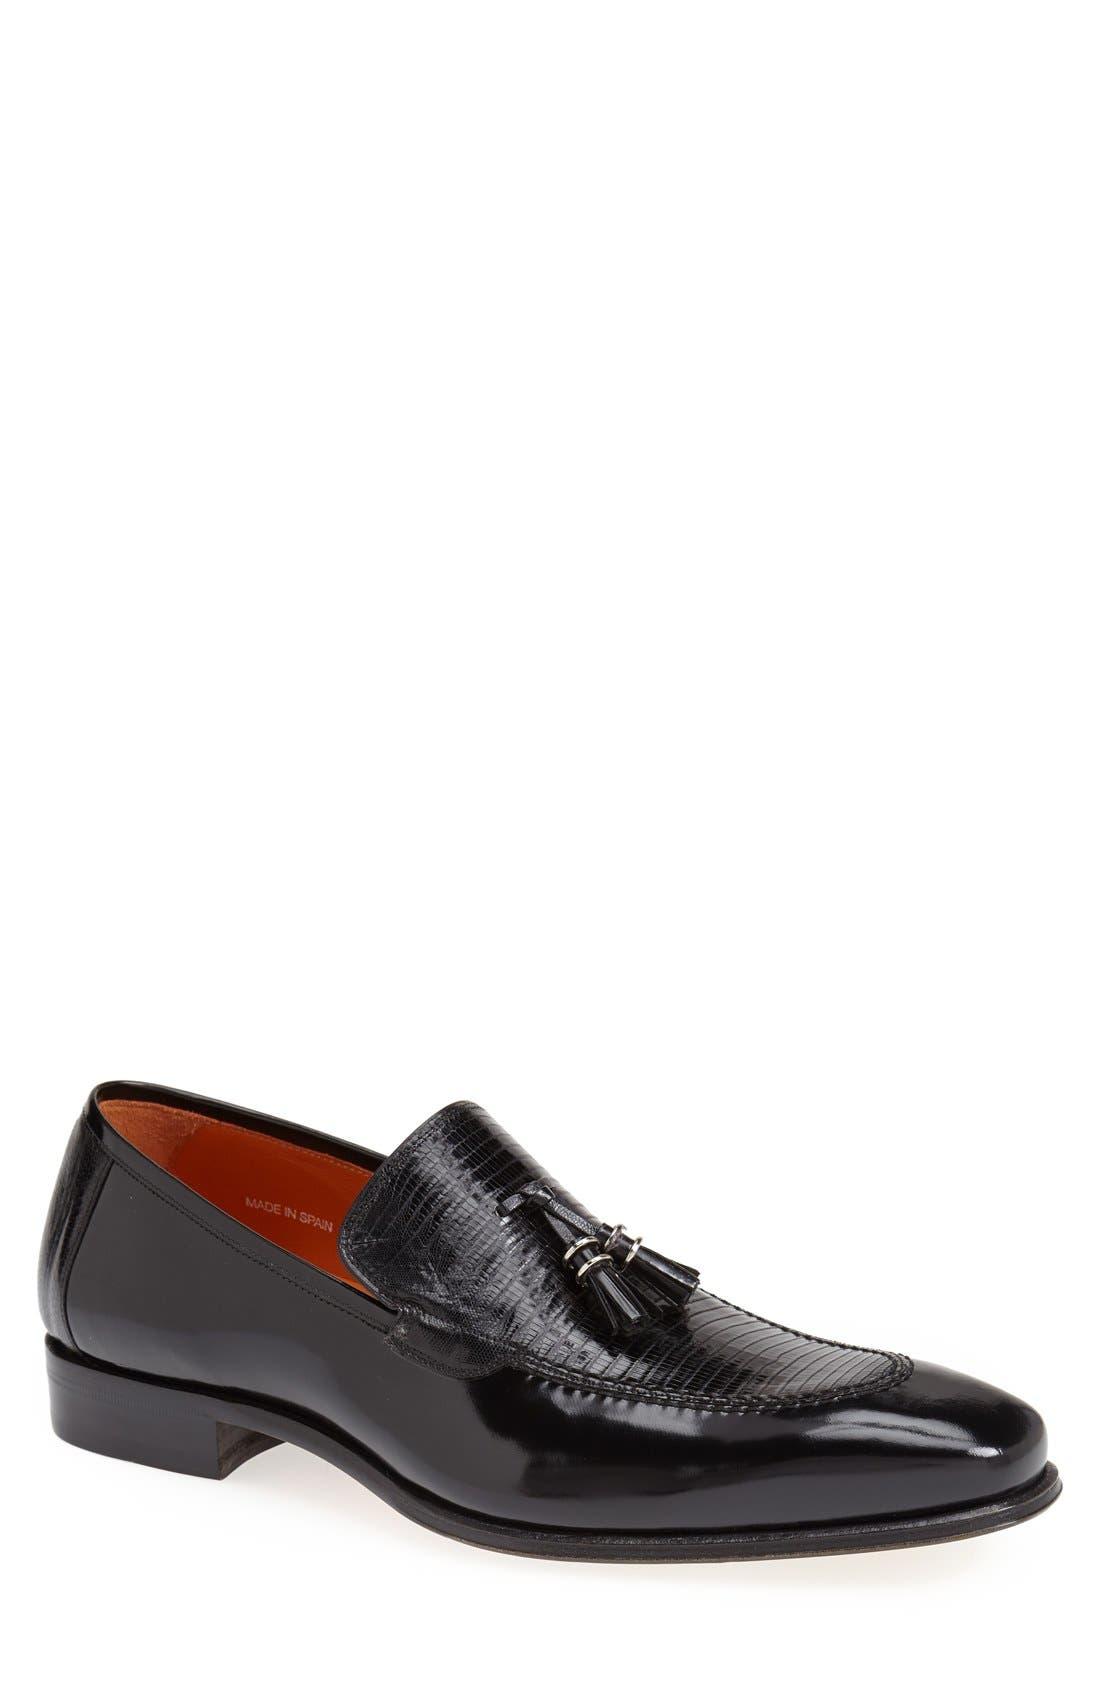 'Obrador' Lizard Leather Tassel Loafer,                         Main,                         color, Black